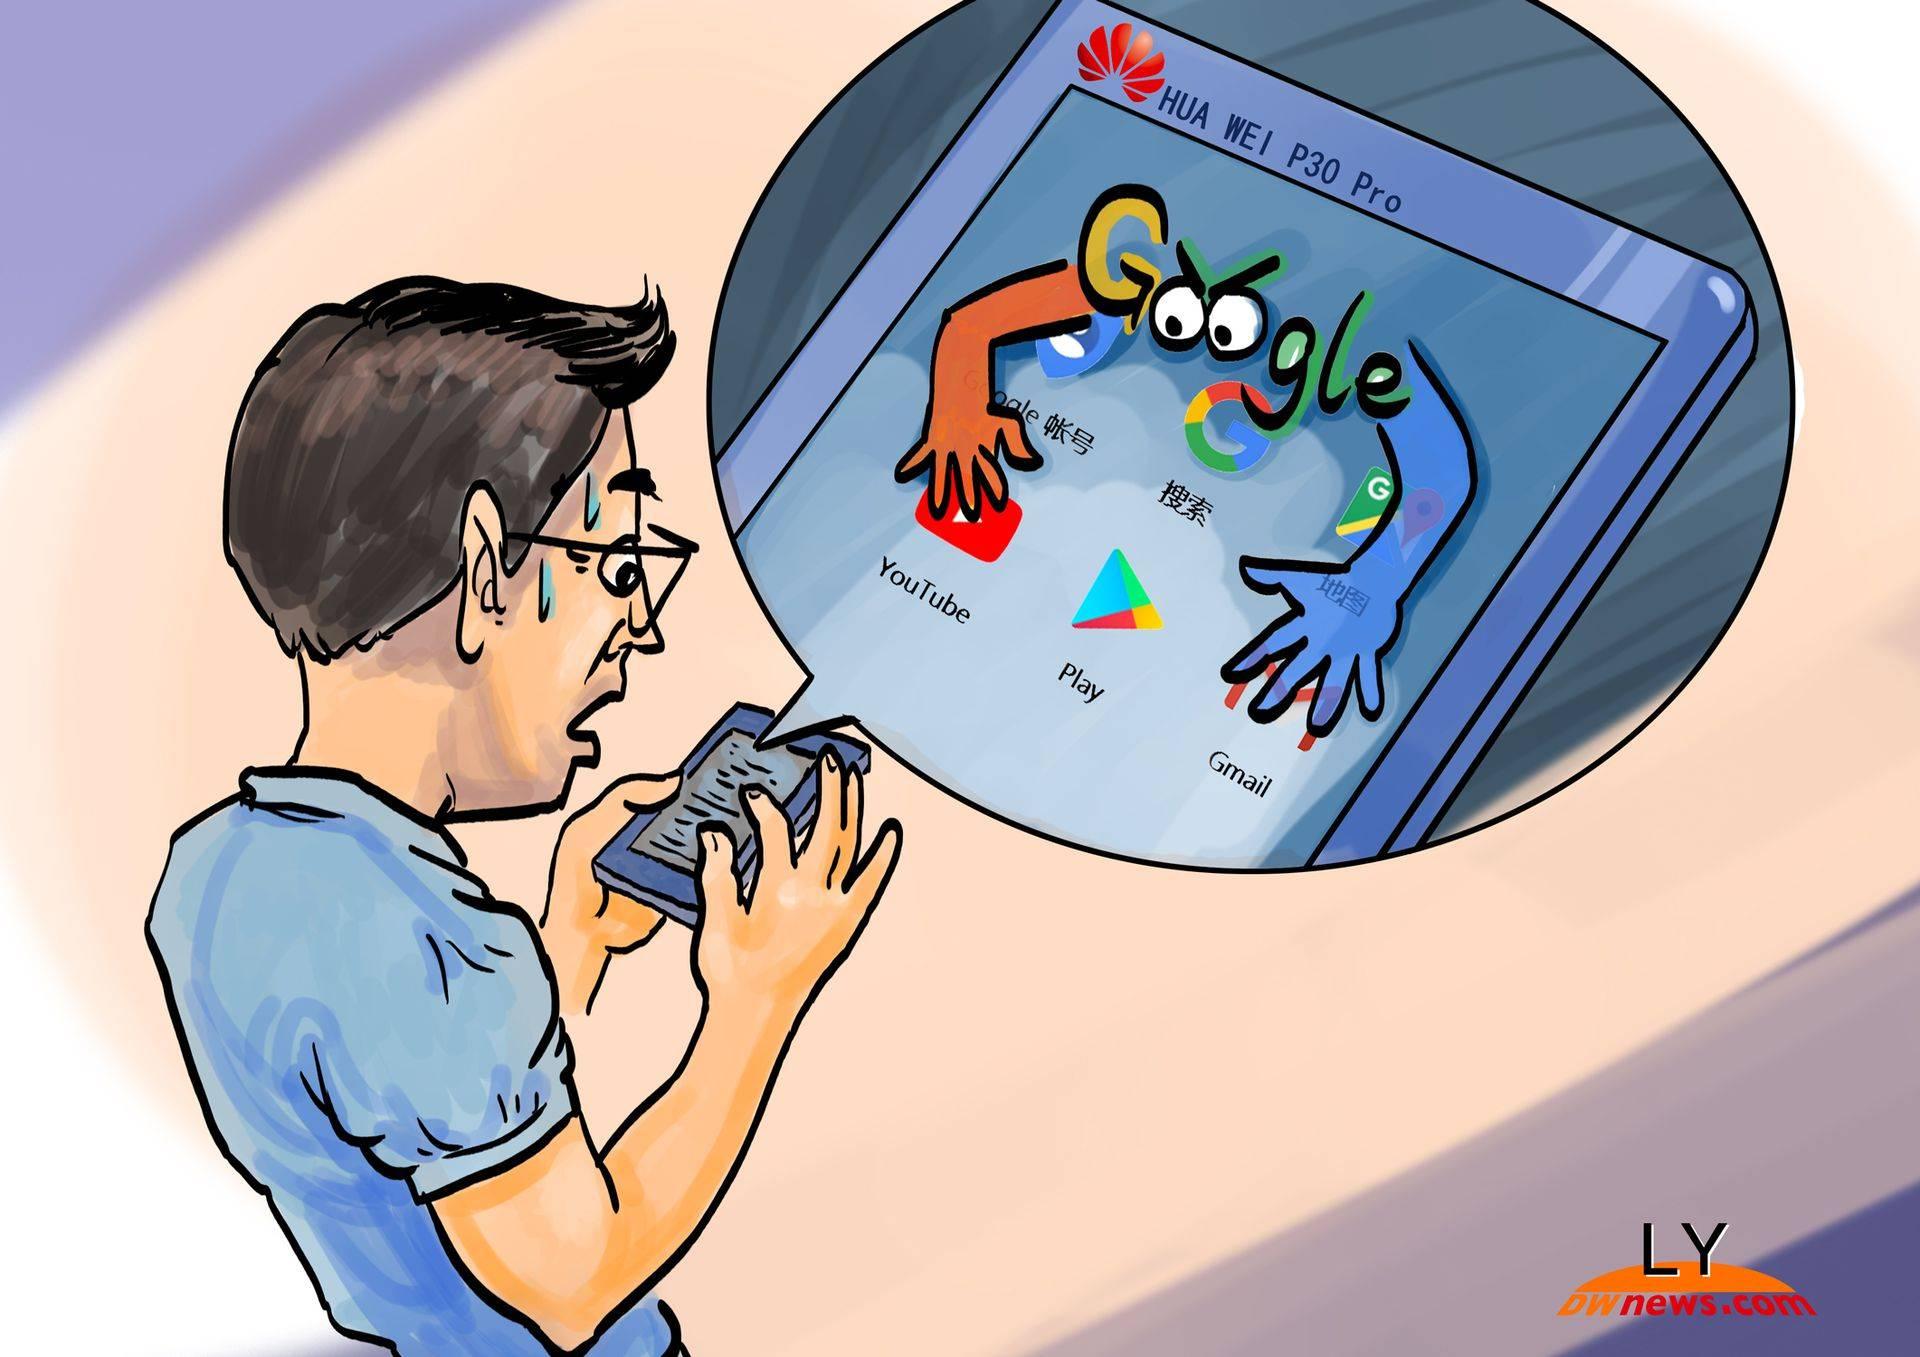 谷歌首次发布5G手机 与苹果华为错位竞争